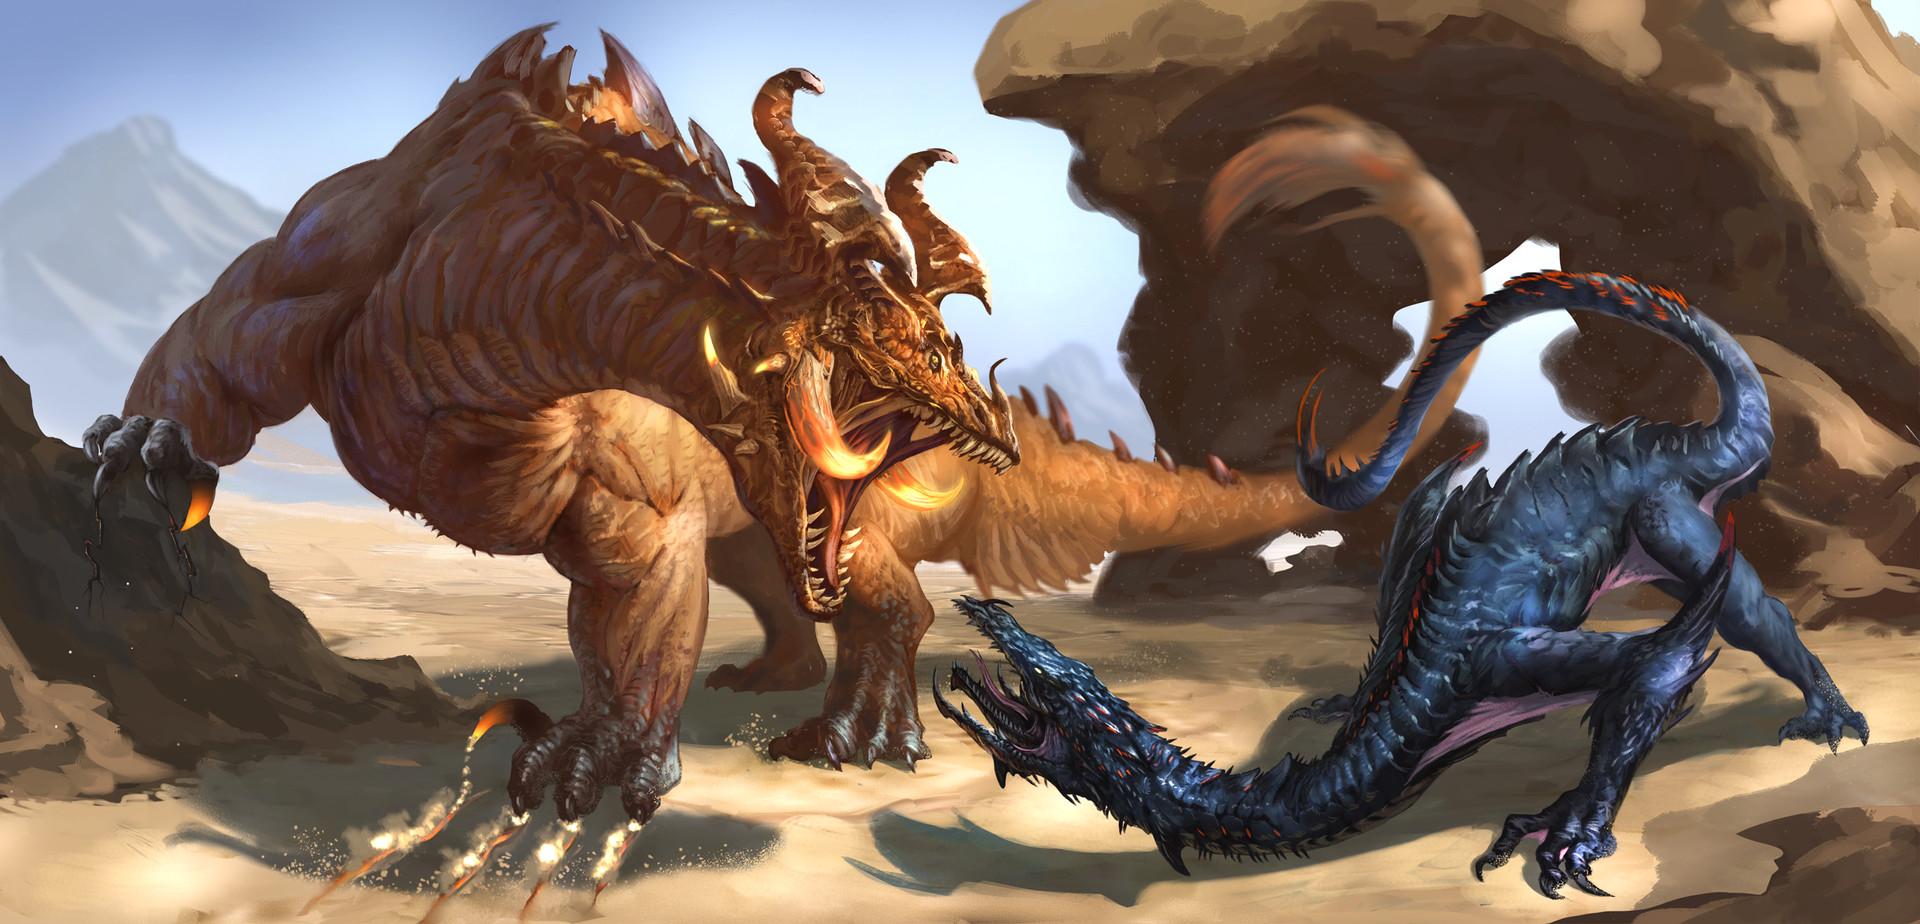 Earth Dragon Deathstalker Dave Melvin Imaginarydragons